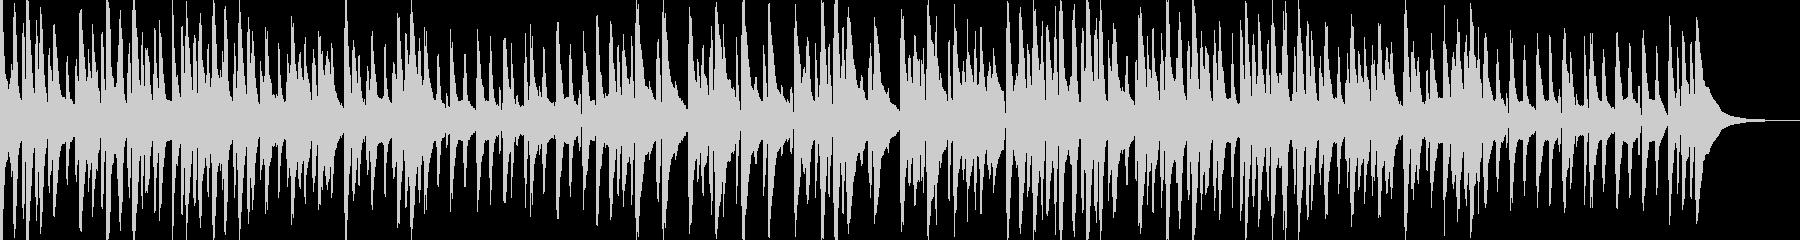 お洒落でキャッチ―なジャズピアノトリオ2の未再生の波形